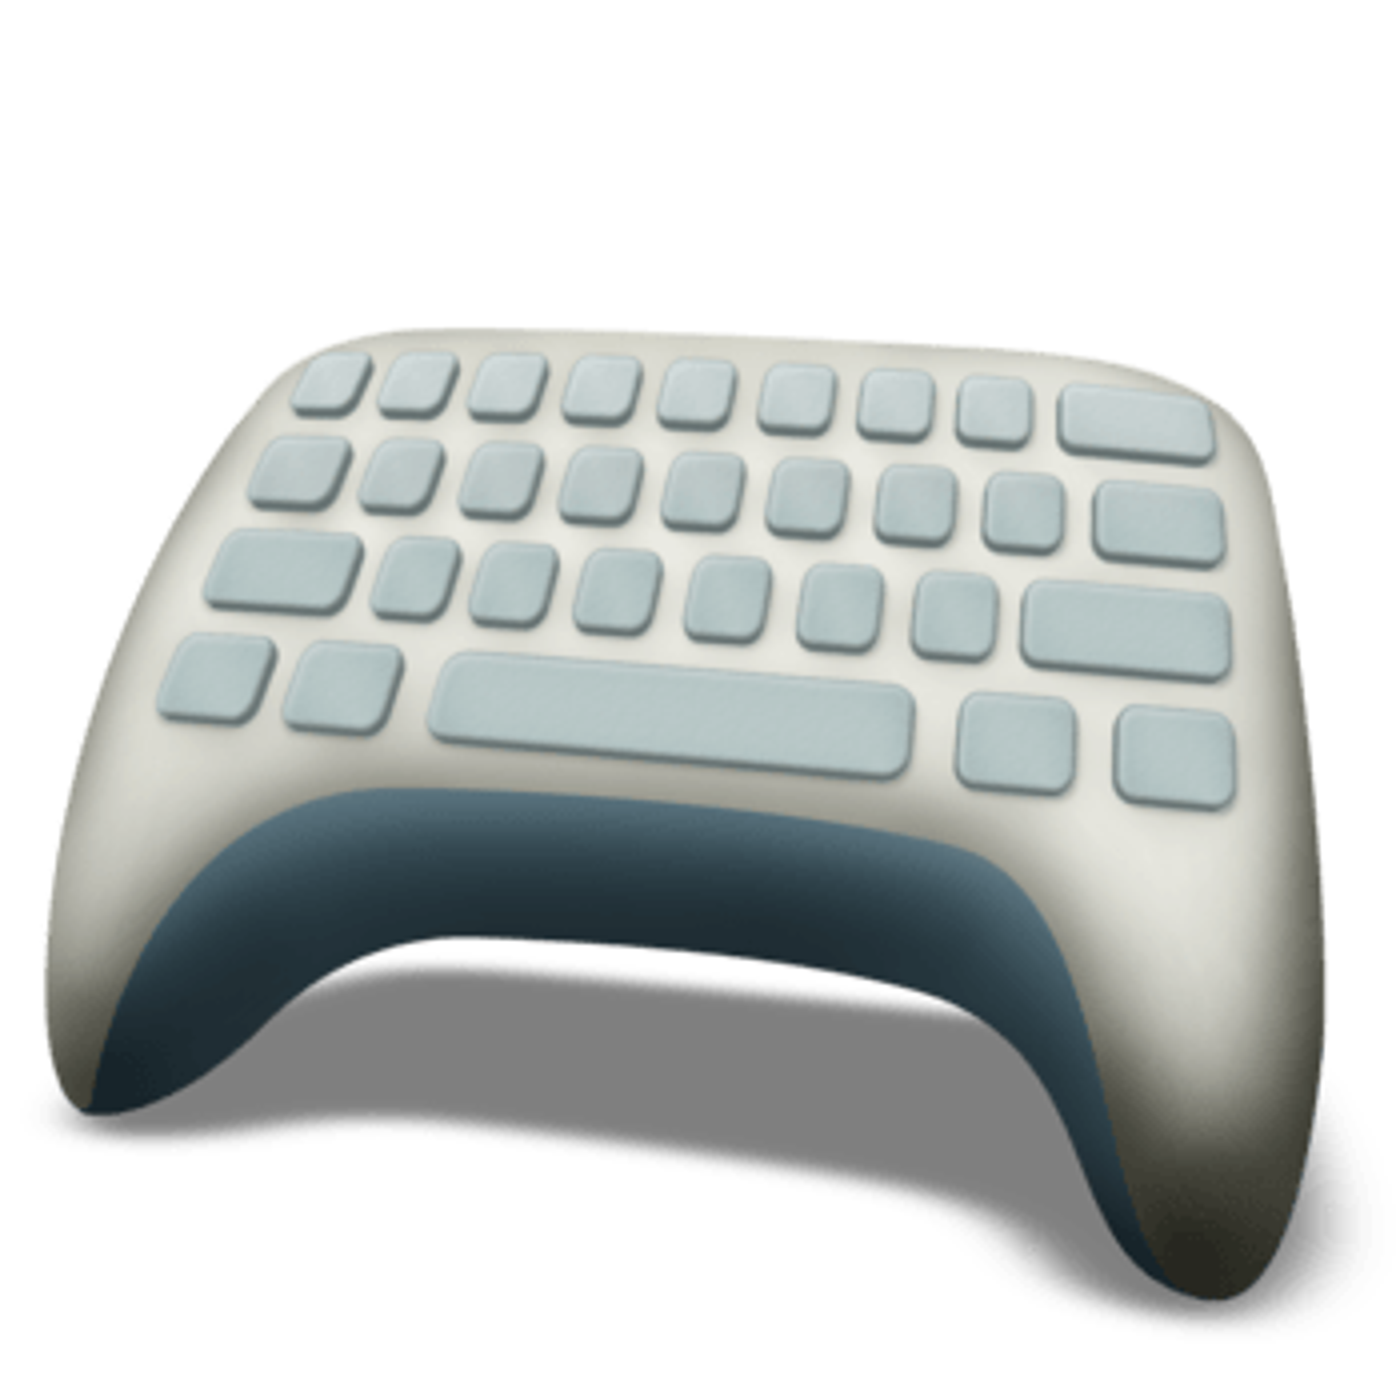 Joystick Mapper 1.1.3